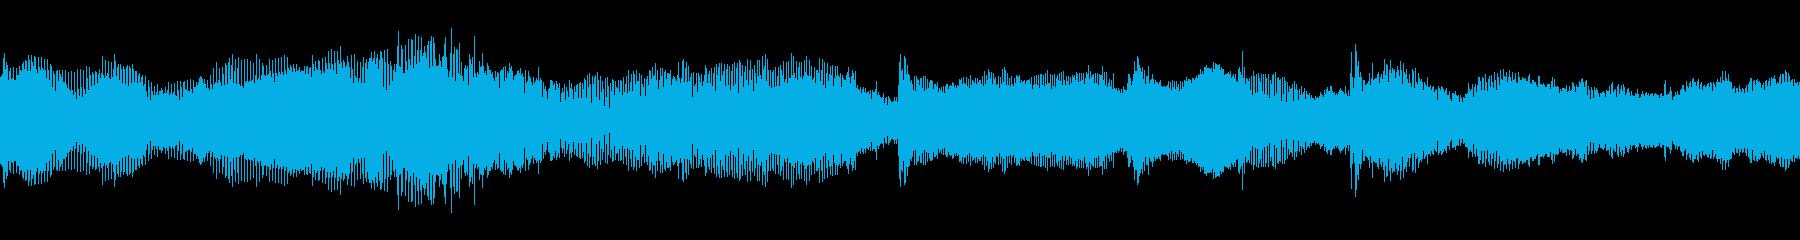 シンセサイザーによる緊迫した音楽の再生済みの波形